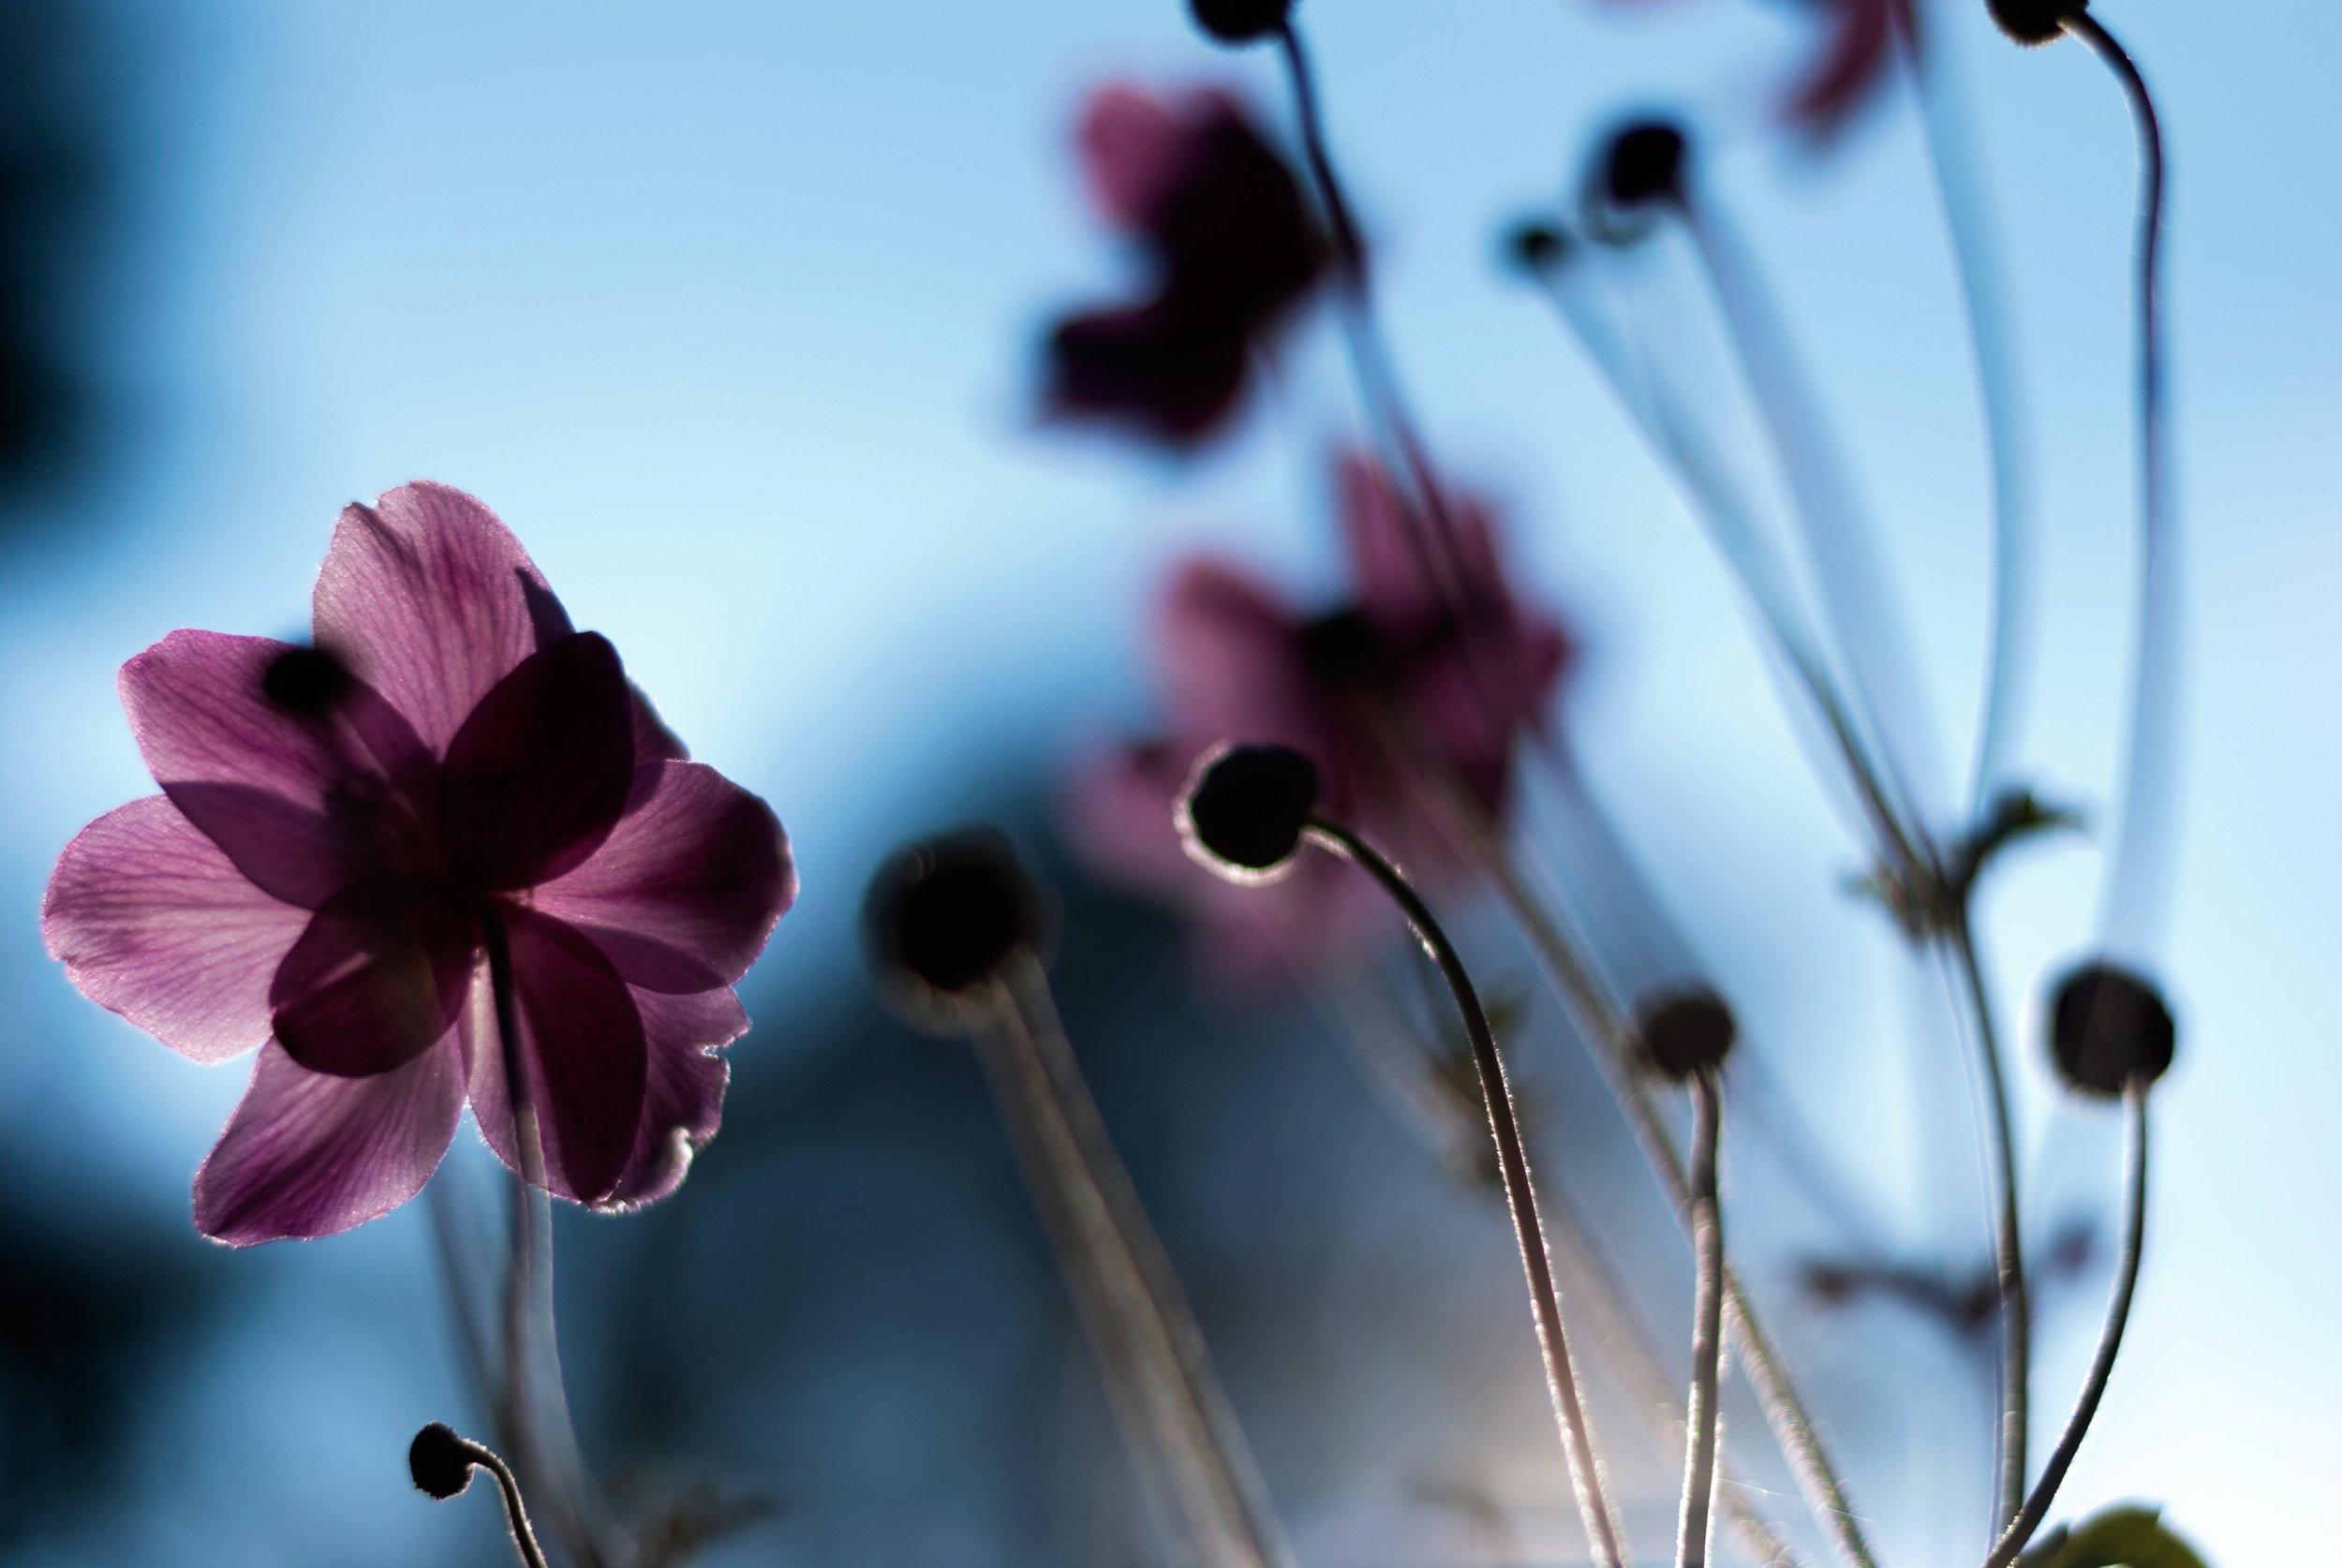 bloom-blooming-blossom-1336454.jpg